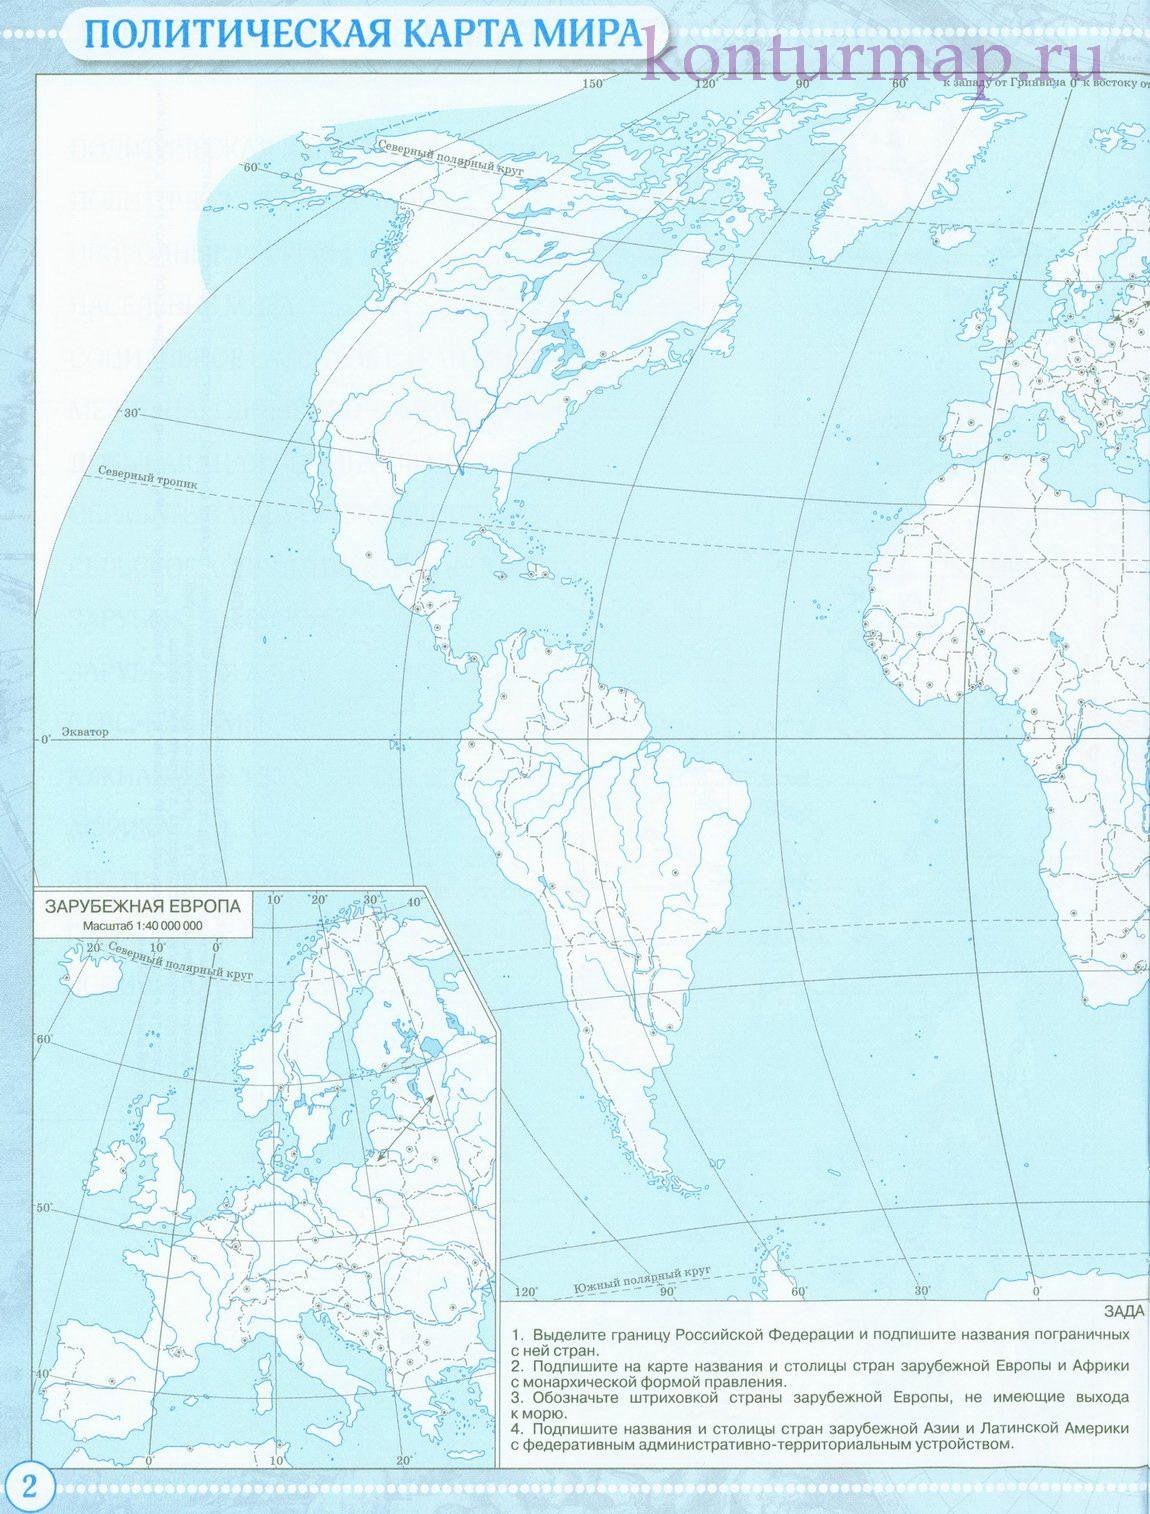 Konturnaya Karta Mira Politicheskaya 10 S Izobrazheniyami Karta